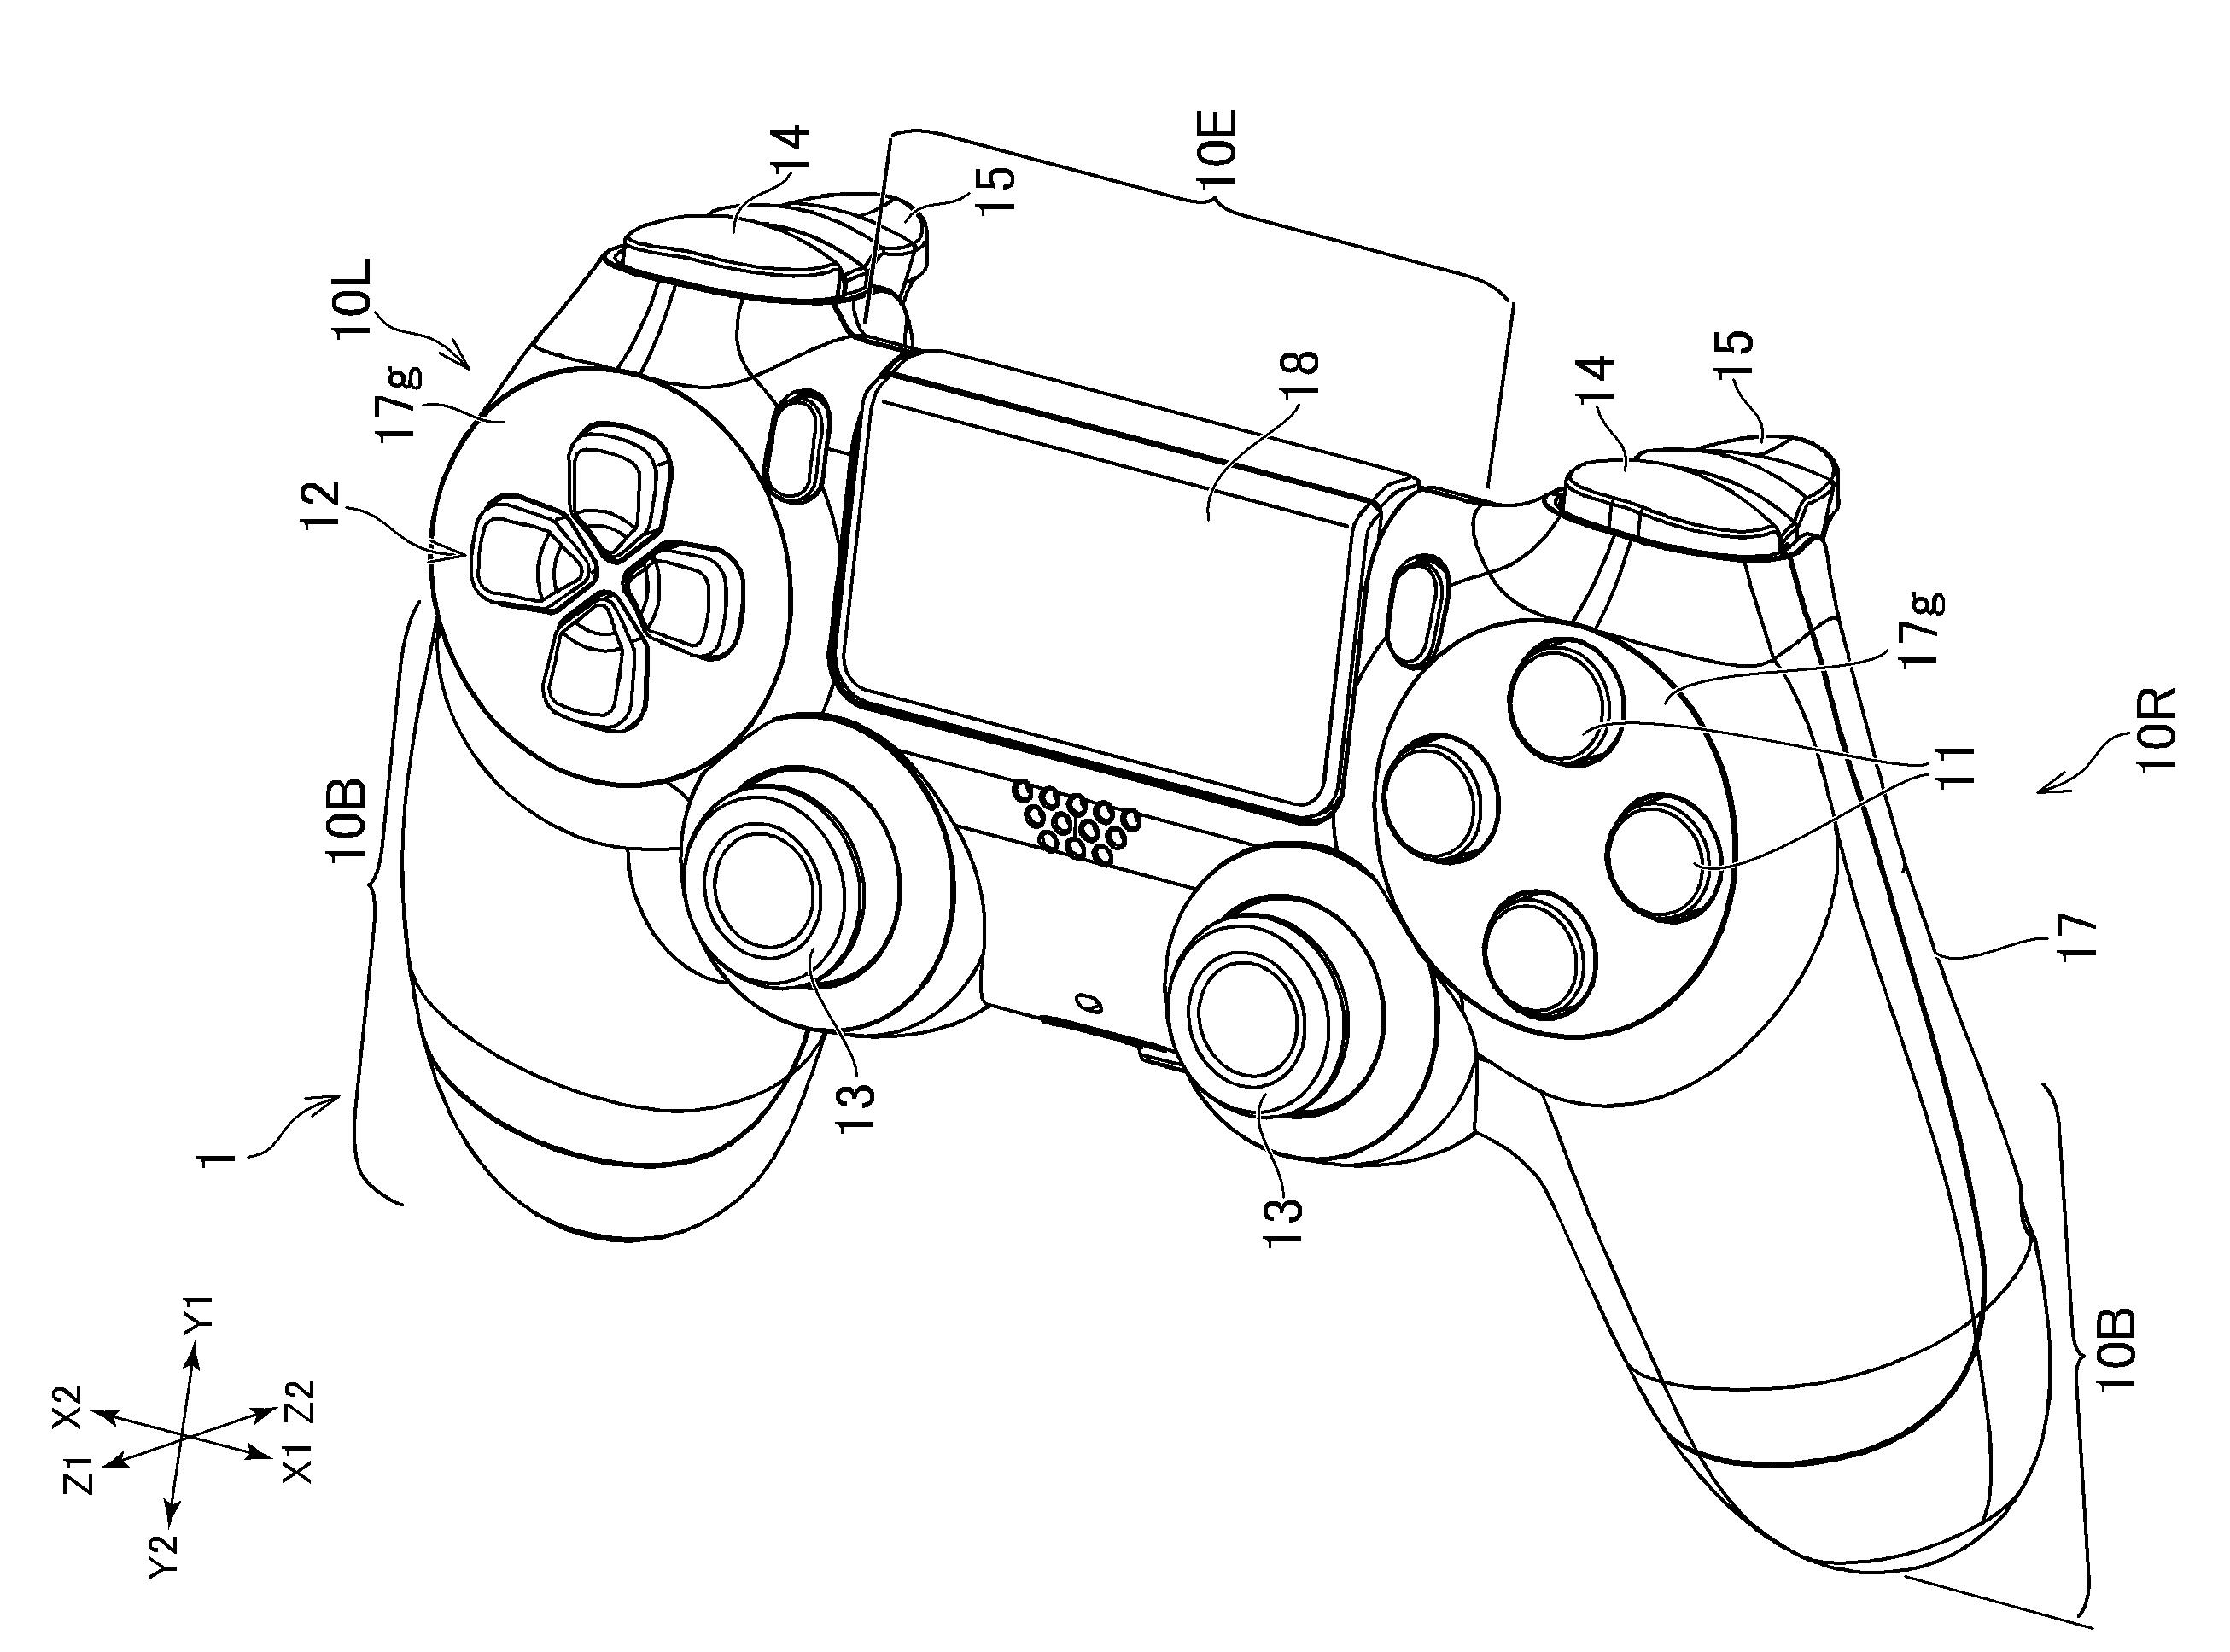 Sony opatentowało nowy gamepad z dwoma dodatkowymi przyciskami dla PlayStation 5 polecane, ciekawostki Sony, playstation 5, gamepad  Sony opatentowało nowy gamepad dla PlayStation z dwoma dodatkowymi przyciskami. Informacja ta wynika z dokumentów przedłożonych w WIPO. sony2